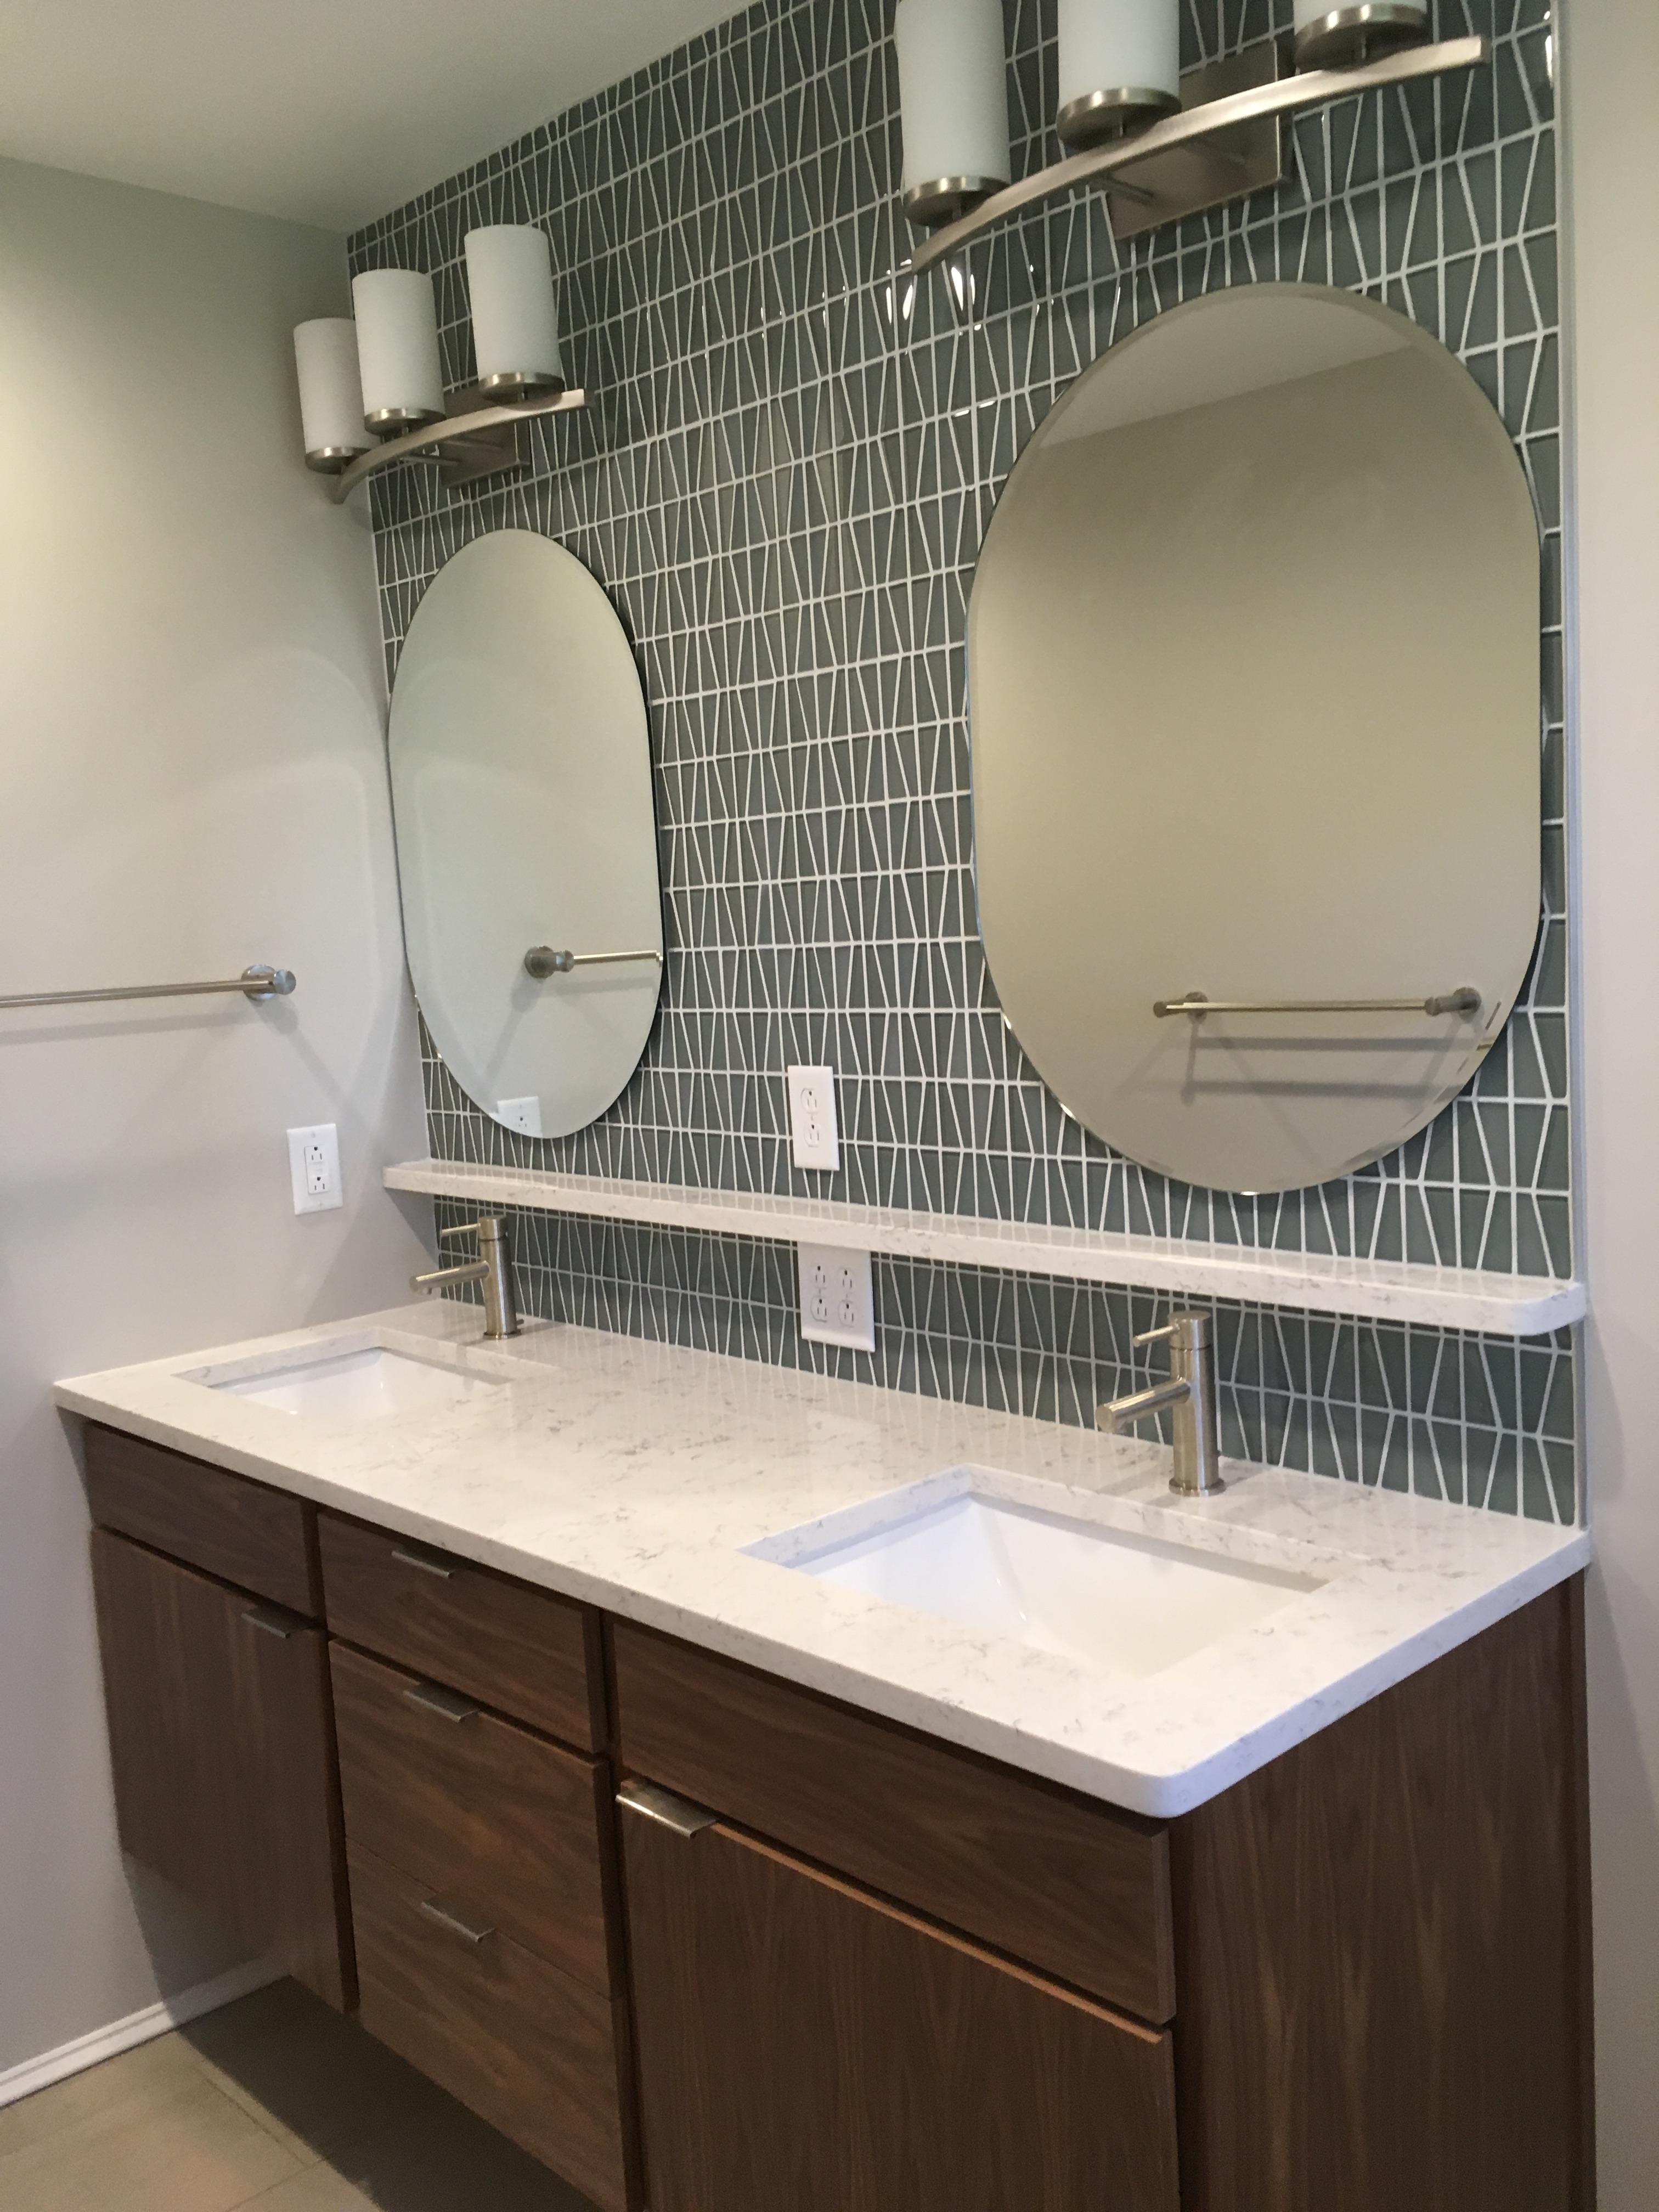 Mares Bathroom Remodel - Bathroom remodeling chambersburg pa